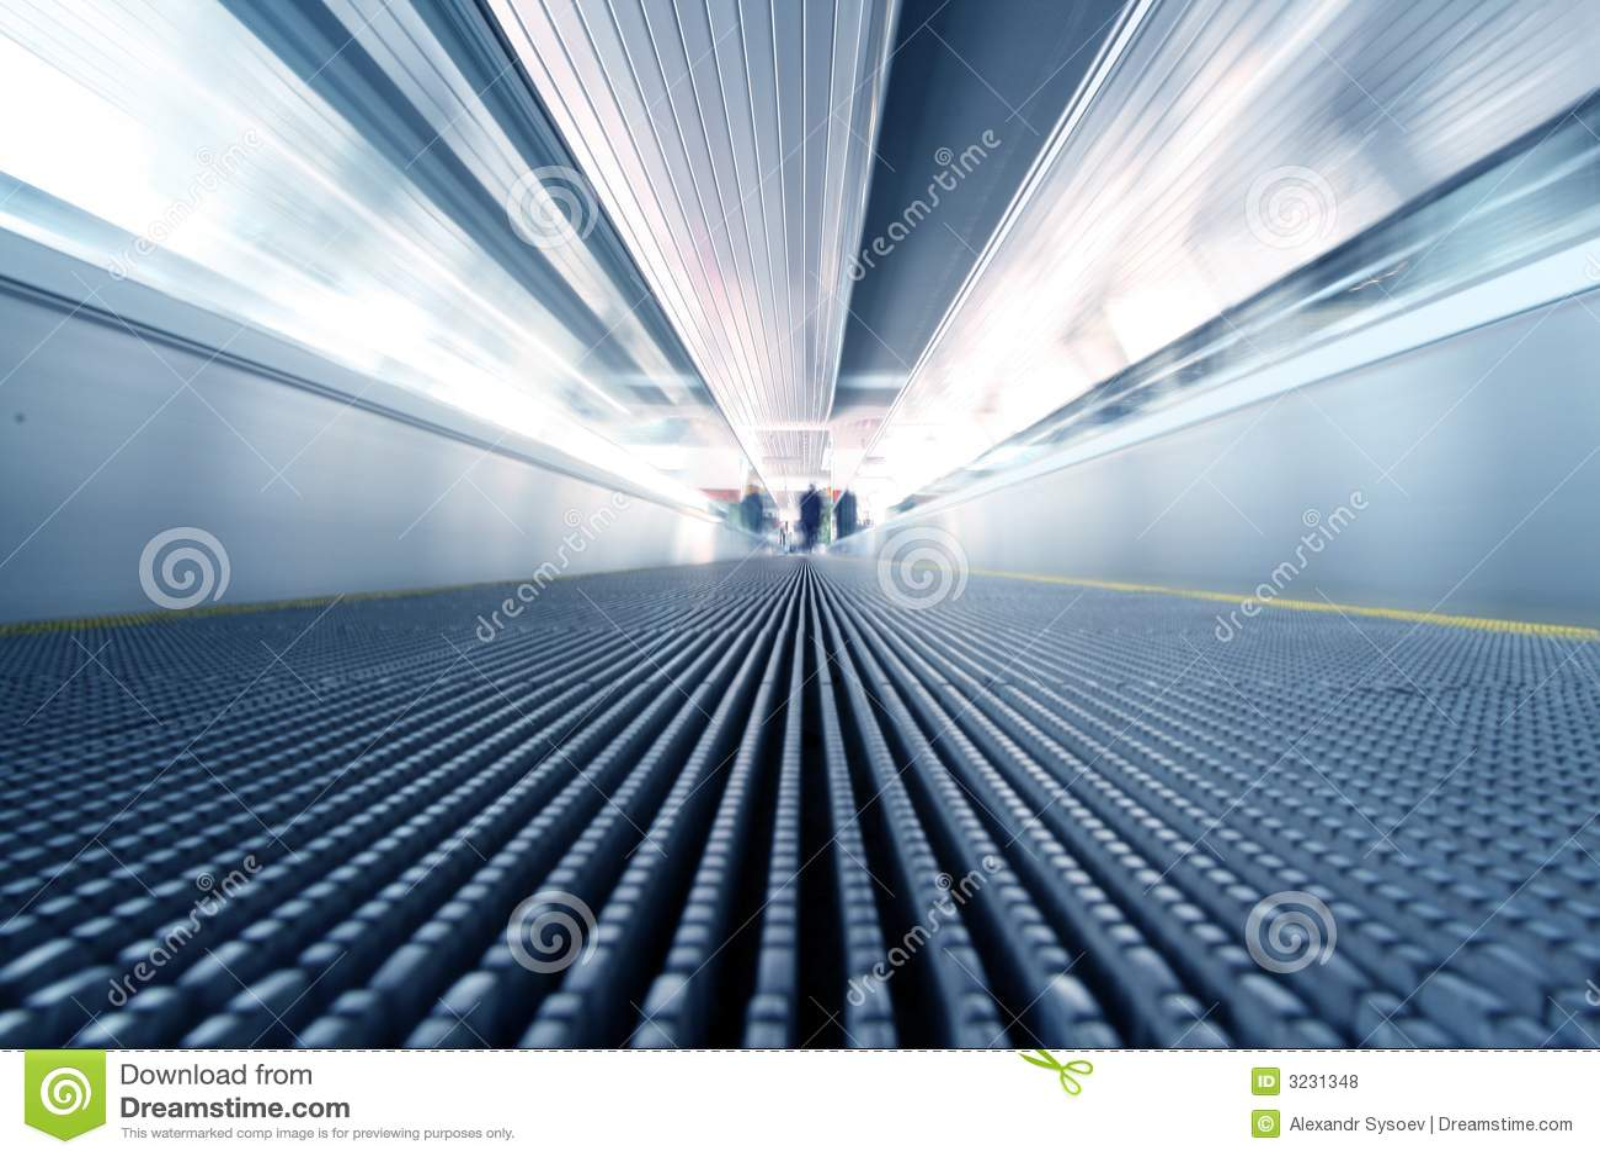 Rolltreppe in der Bewegung